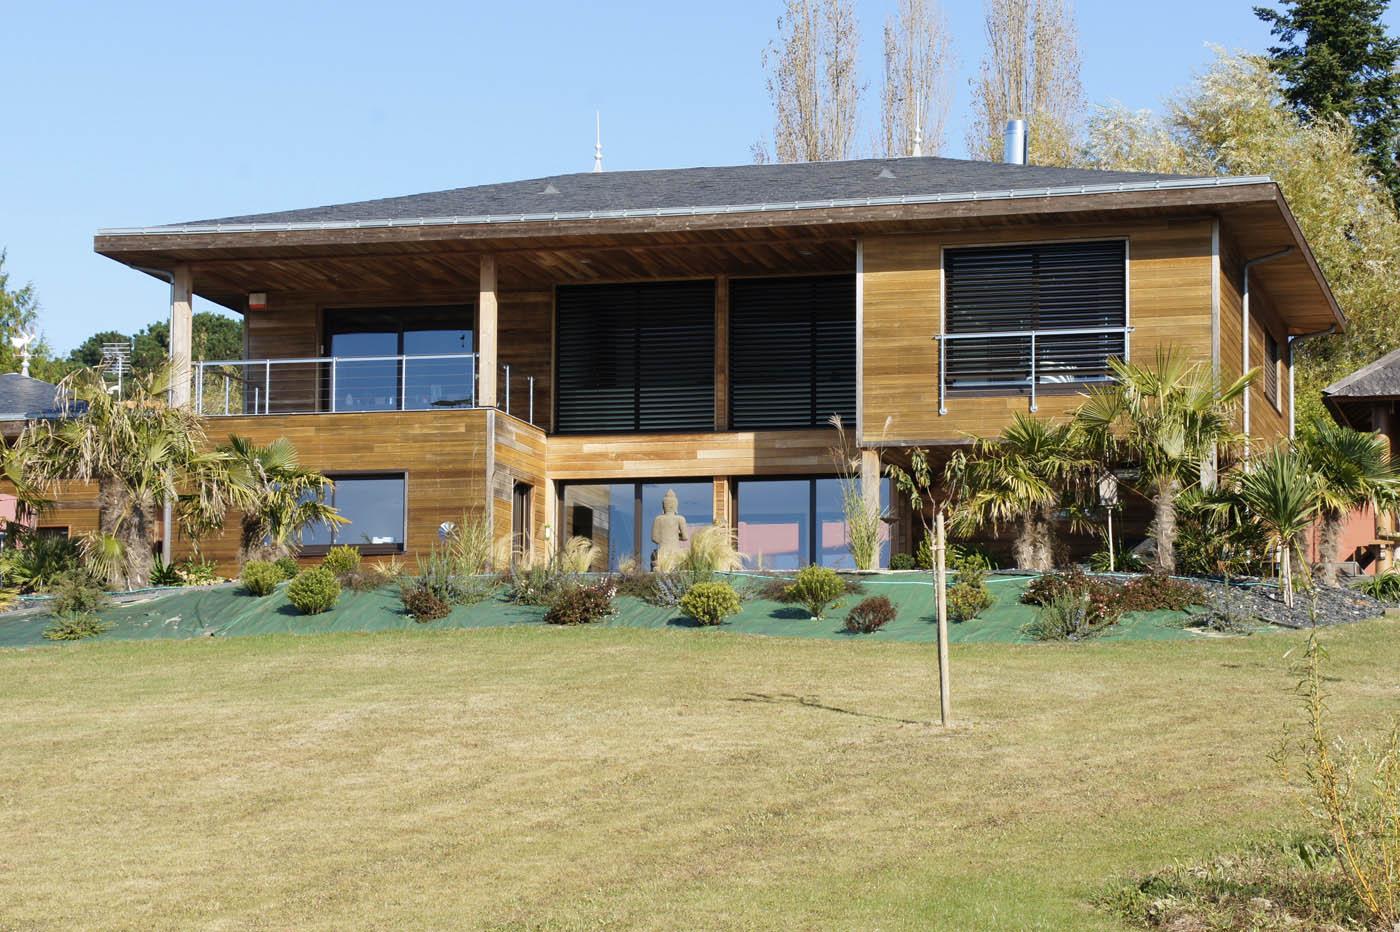 Extension Maison Terrasse Couverte sweetwood homes : conception et réalisation de maisons bois